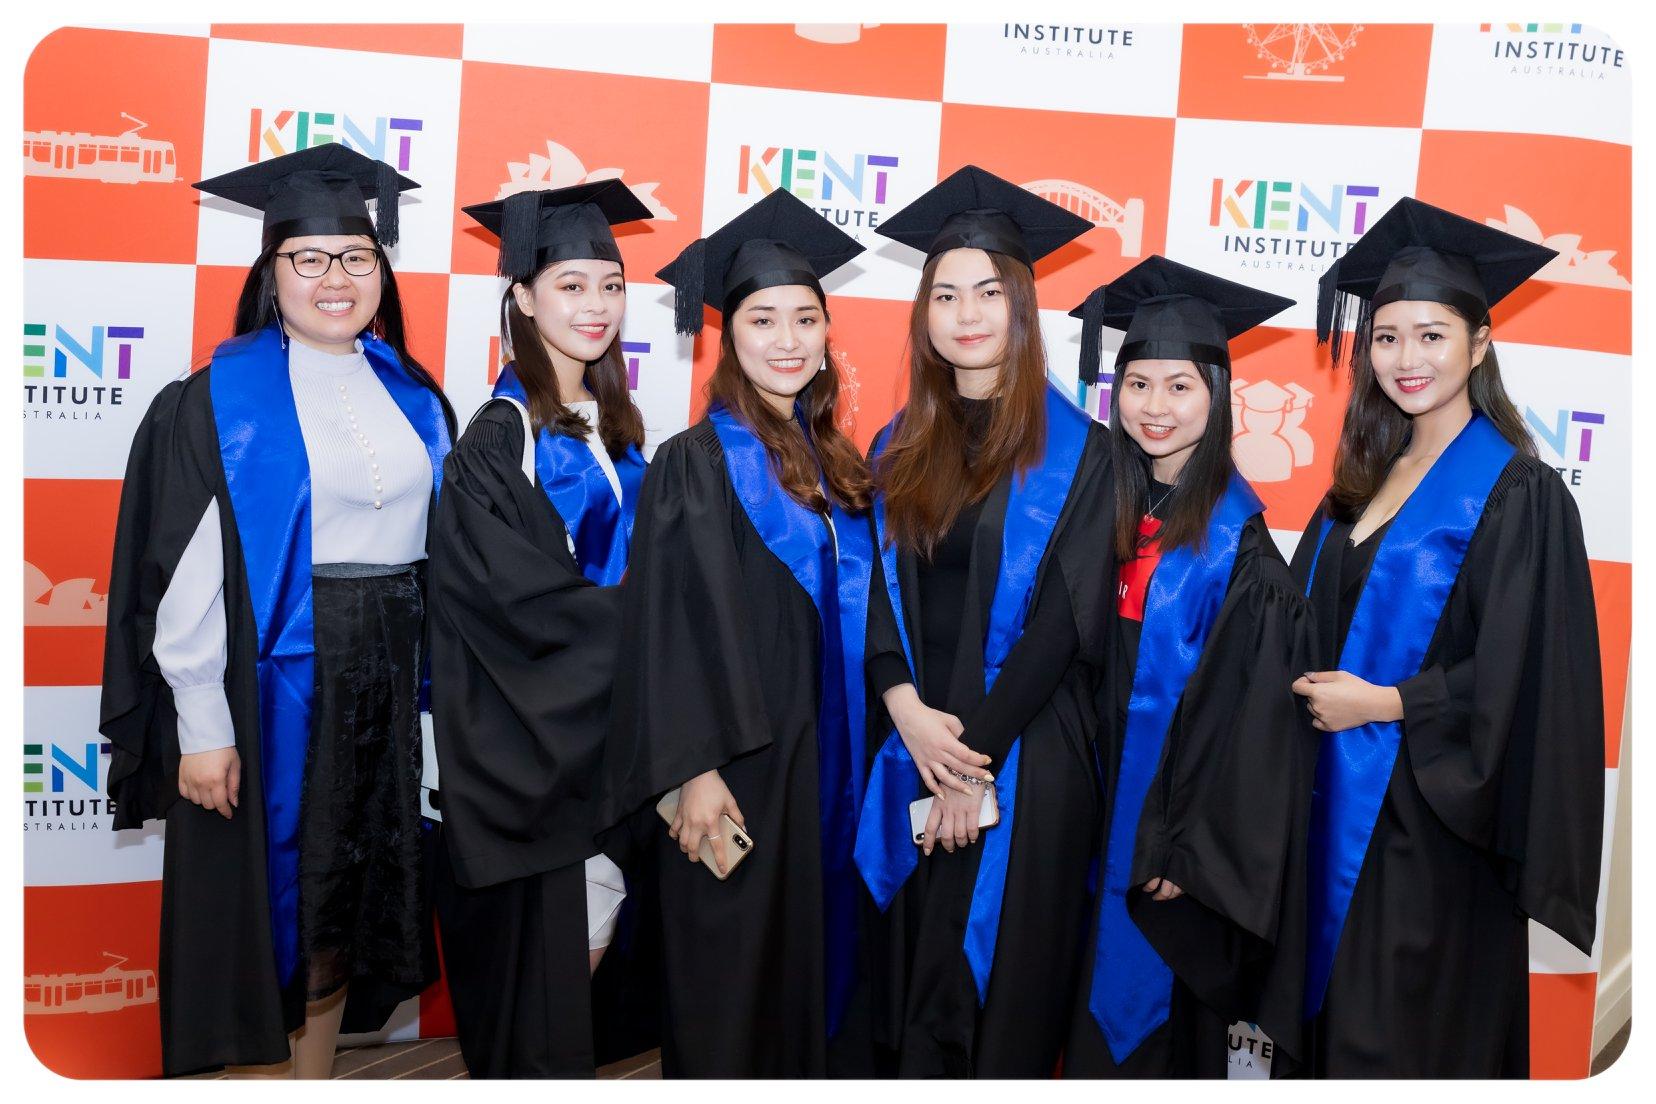 Sinh viên các nước nhận bằng tốt nghiệp tại Học viện Kent vào năm 2020.